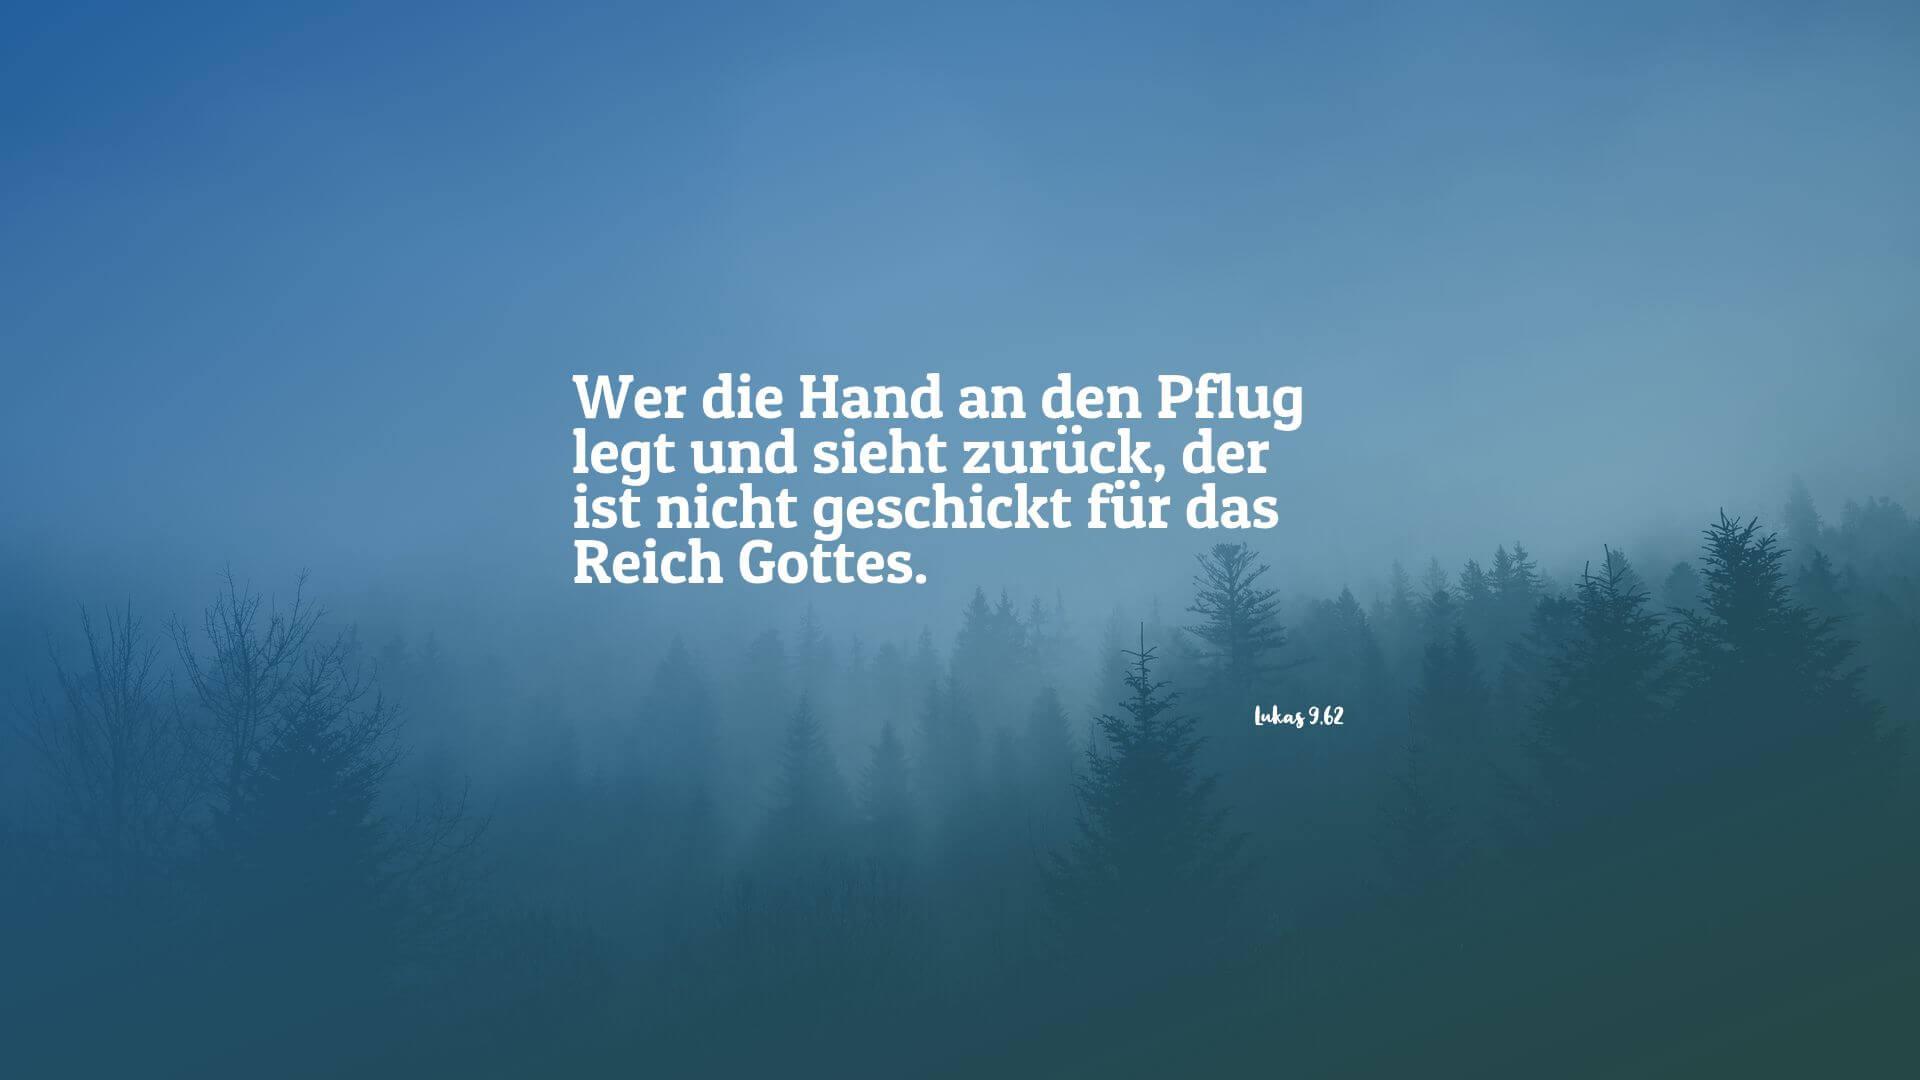 Wer die Hand an den Pflug legt und sieht zurück, der ist nicht geschickt für das Reich Gottes. - Lukas 9,62